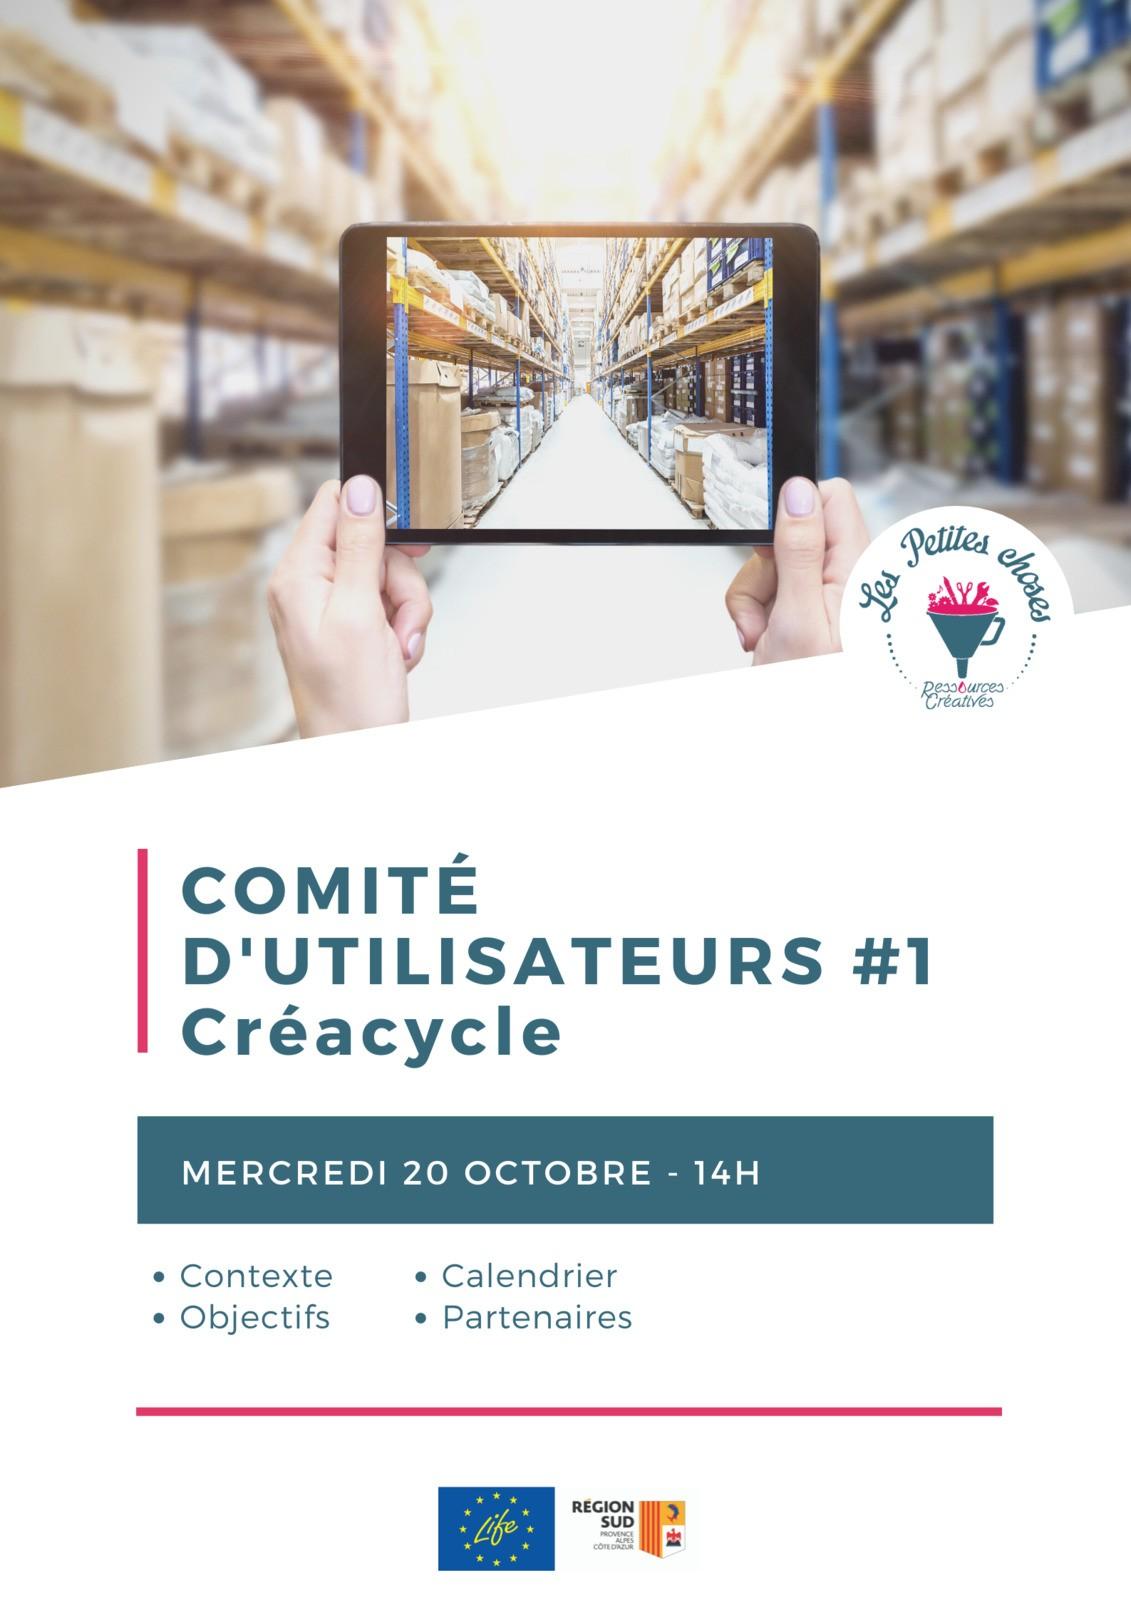 Comité d'utilisateurs #1 Créacycle